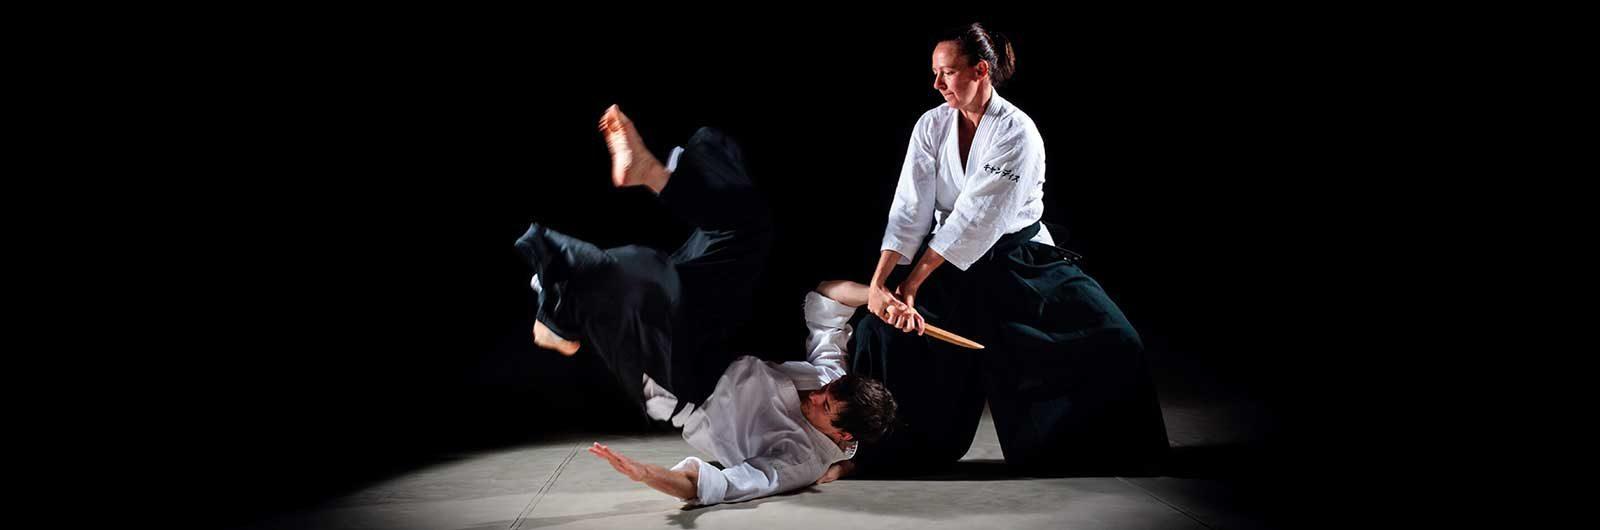 Aikido Budokan